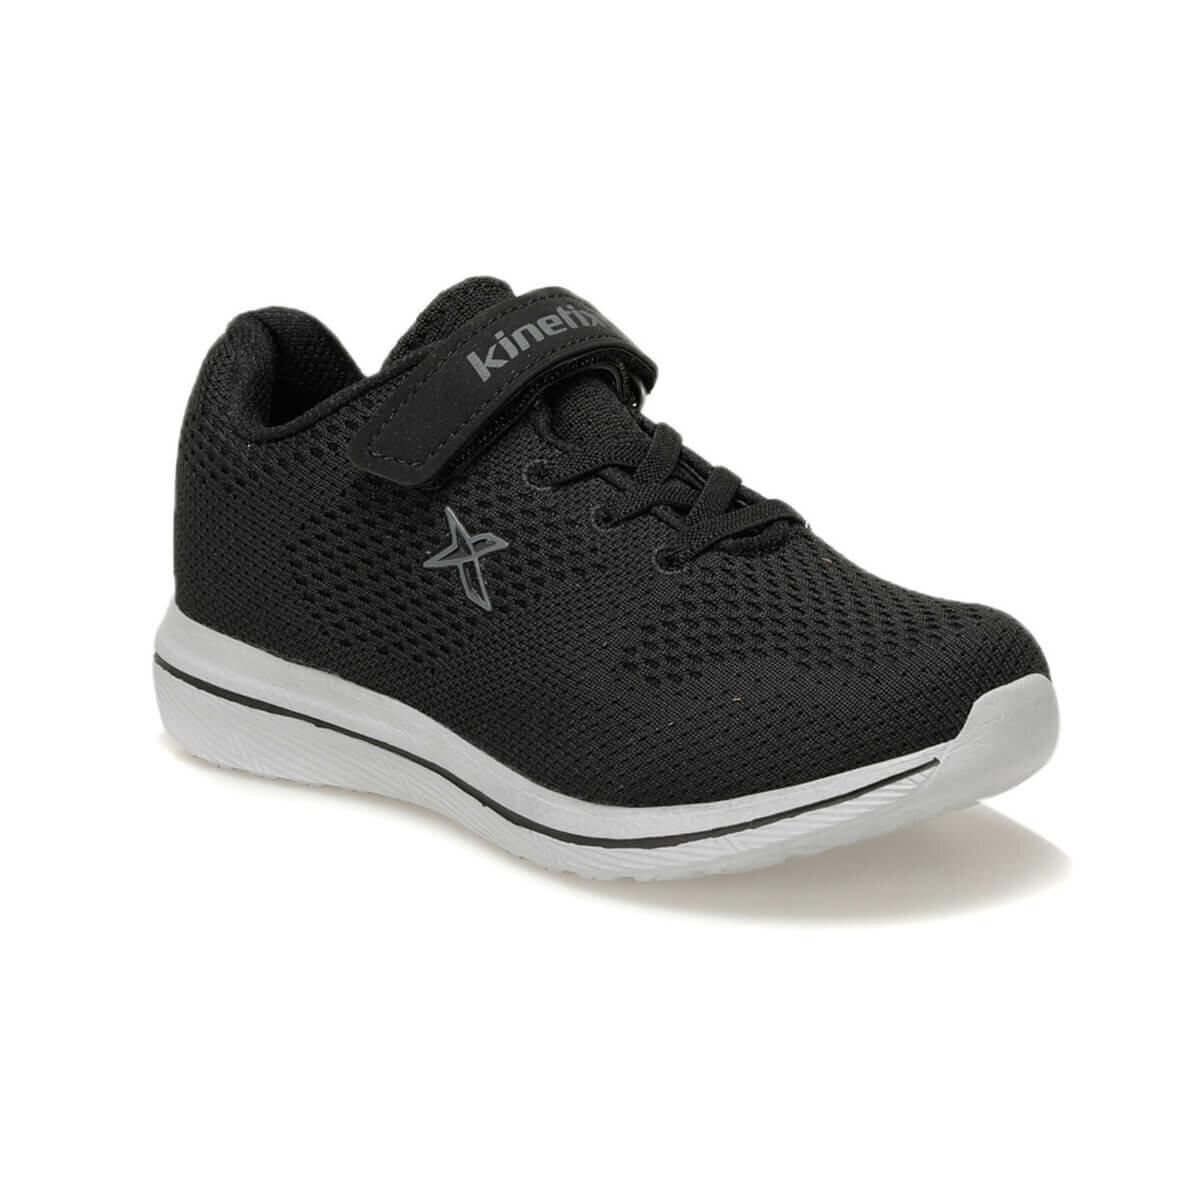 FLO ADELLIO J Black Male Child Hiking Shoes KINETIX